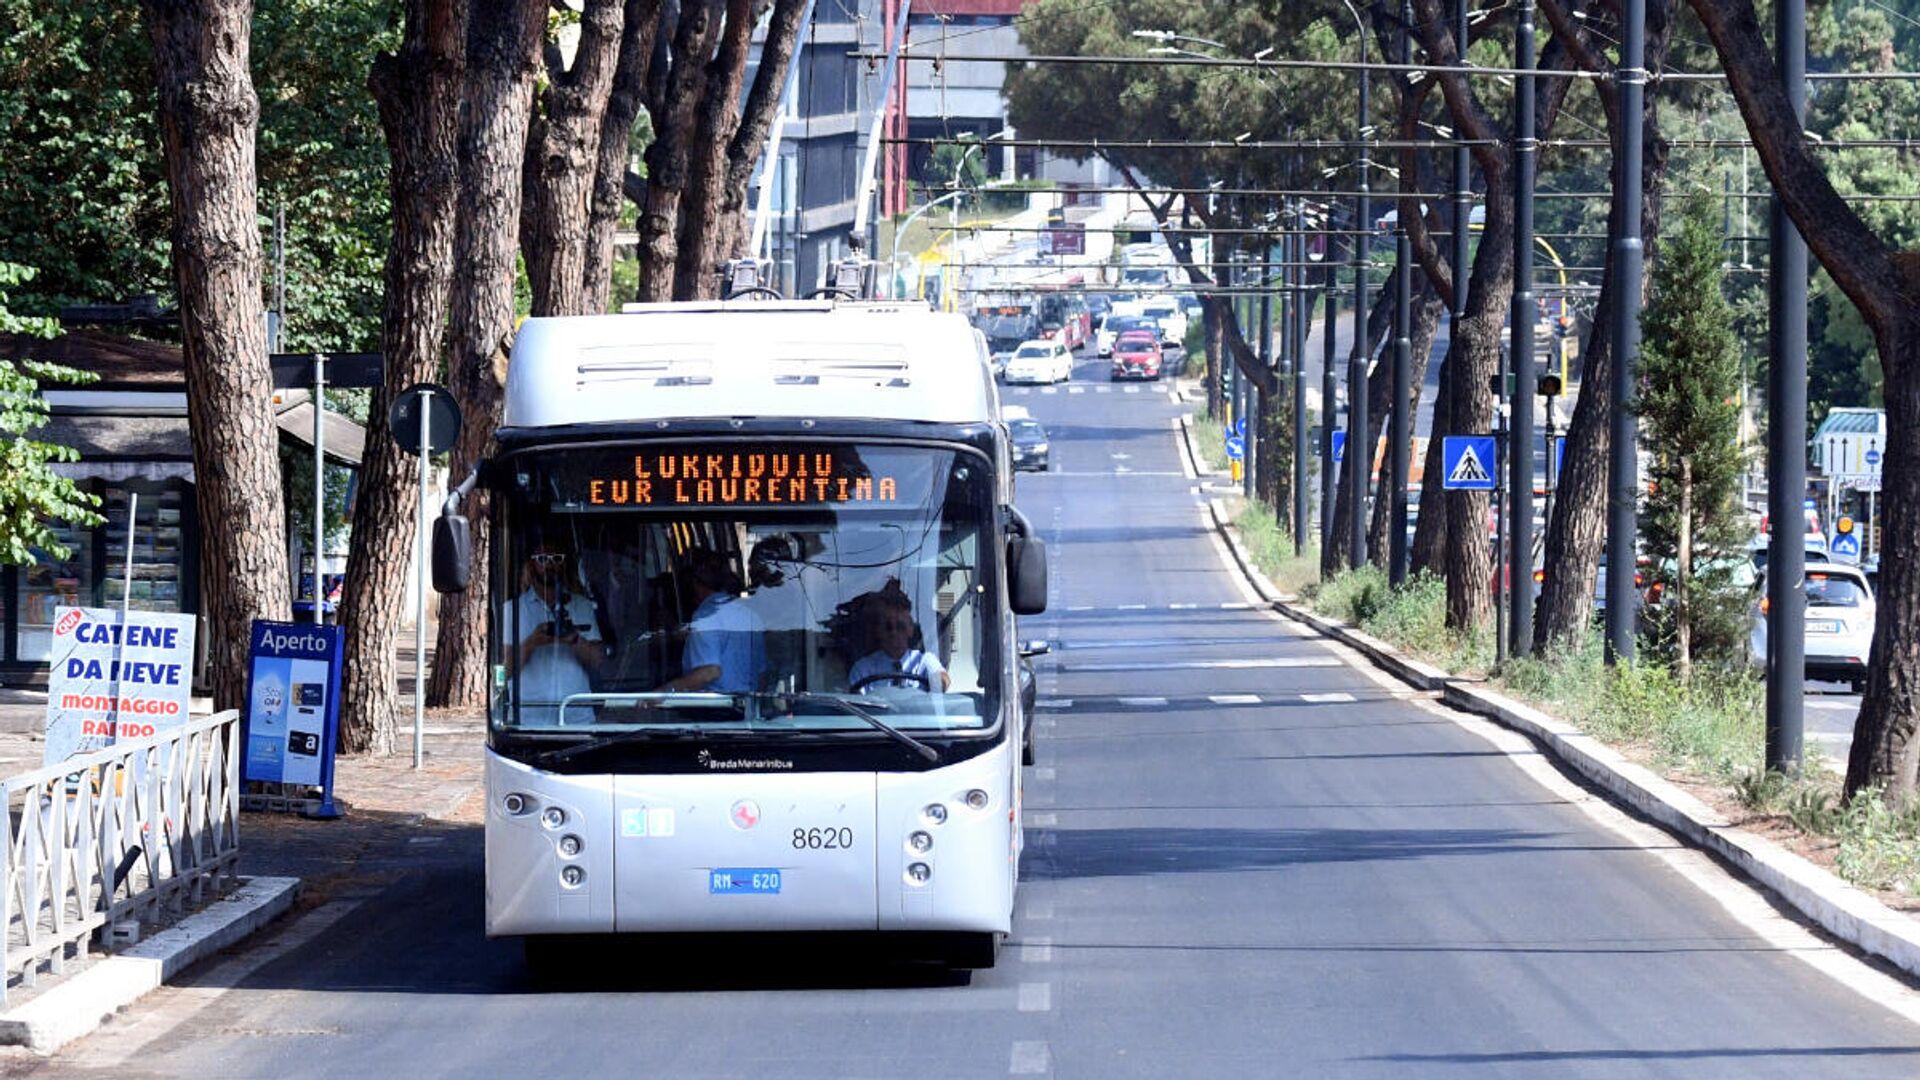 La sindaca Virginia Raggi inaugura il Corridoio Laurentino, ovvero il tratto di corsia preferenziale per autobus su via Laurentina - Sputnik Italia, 1920, 25.06.2021